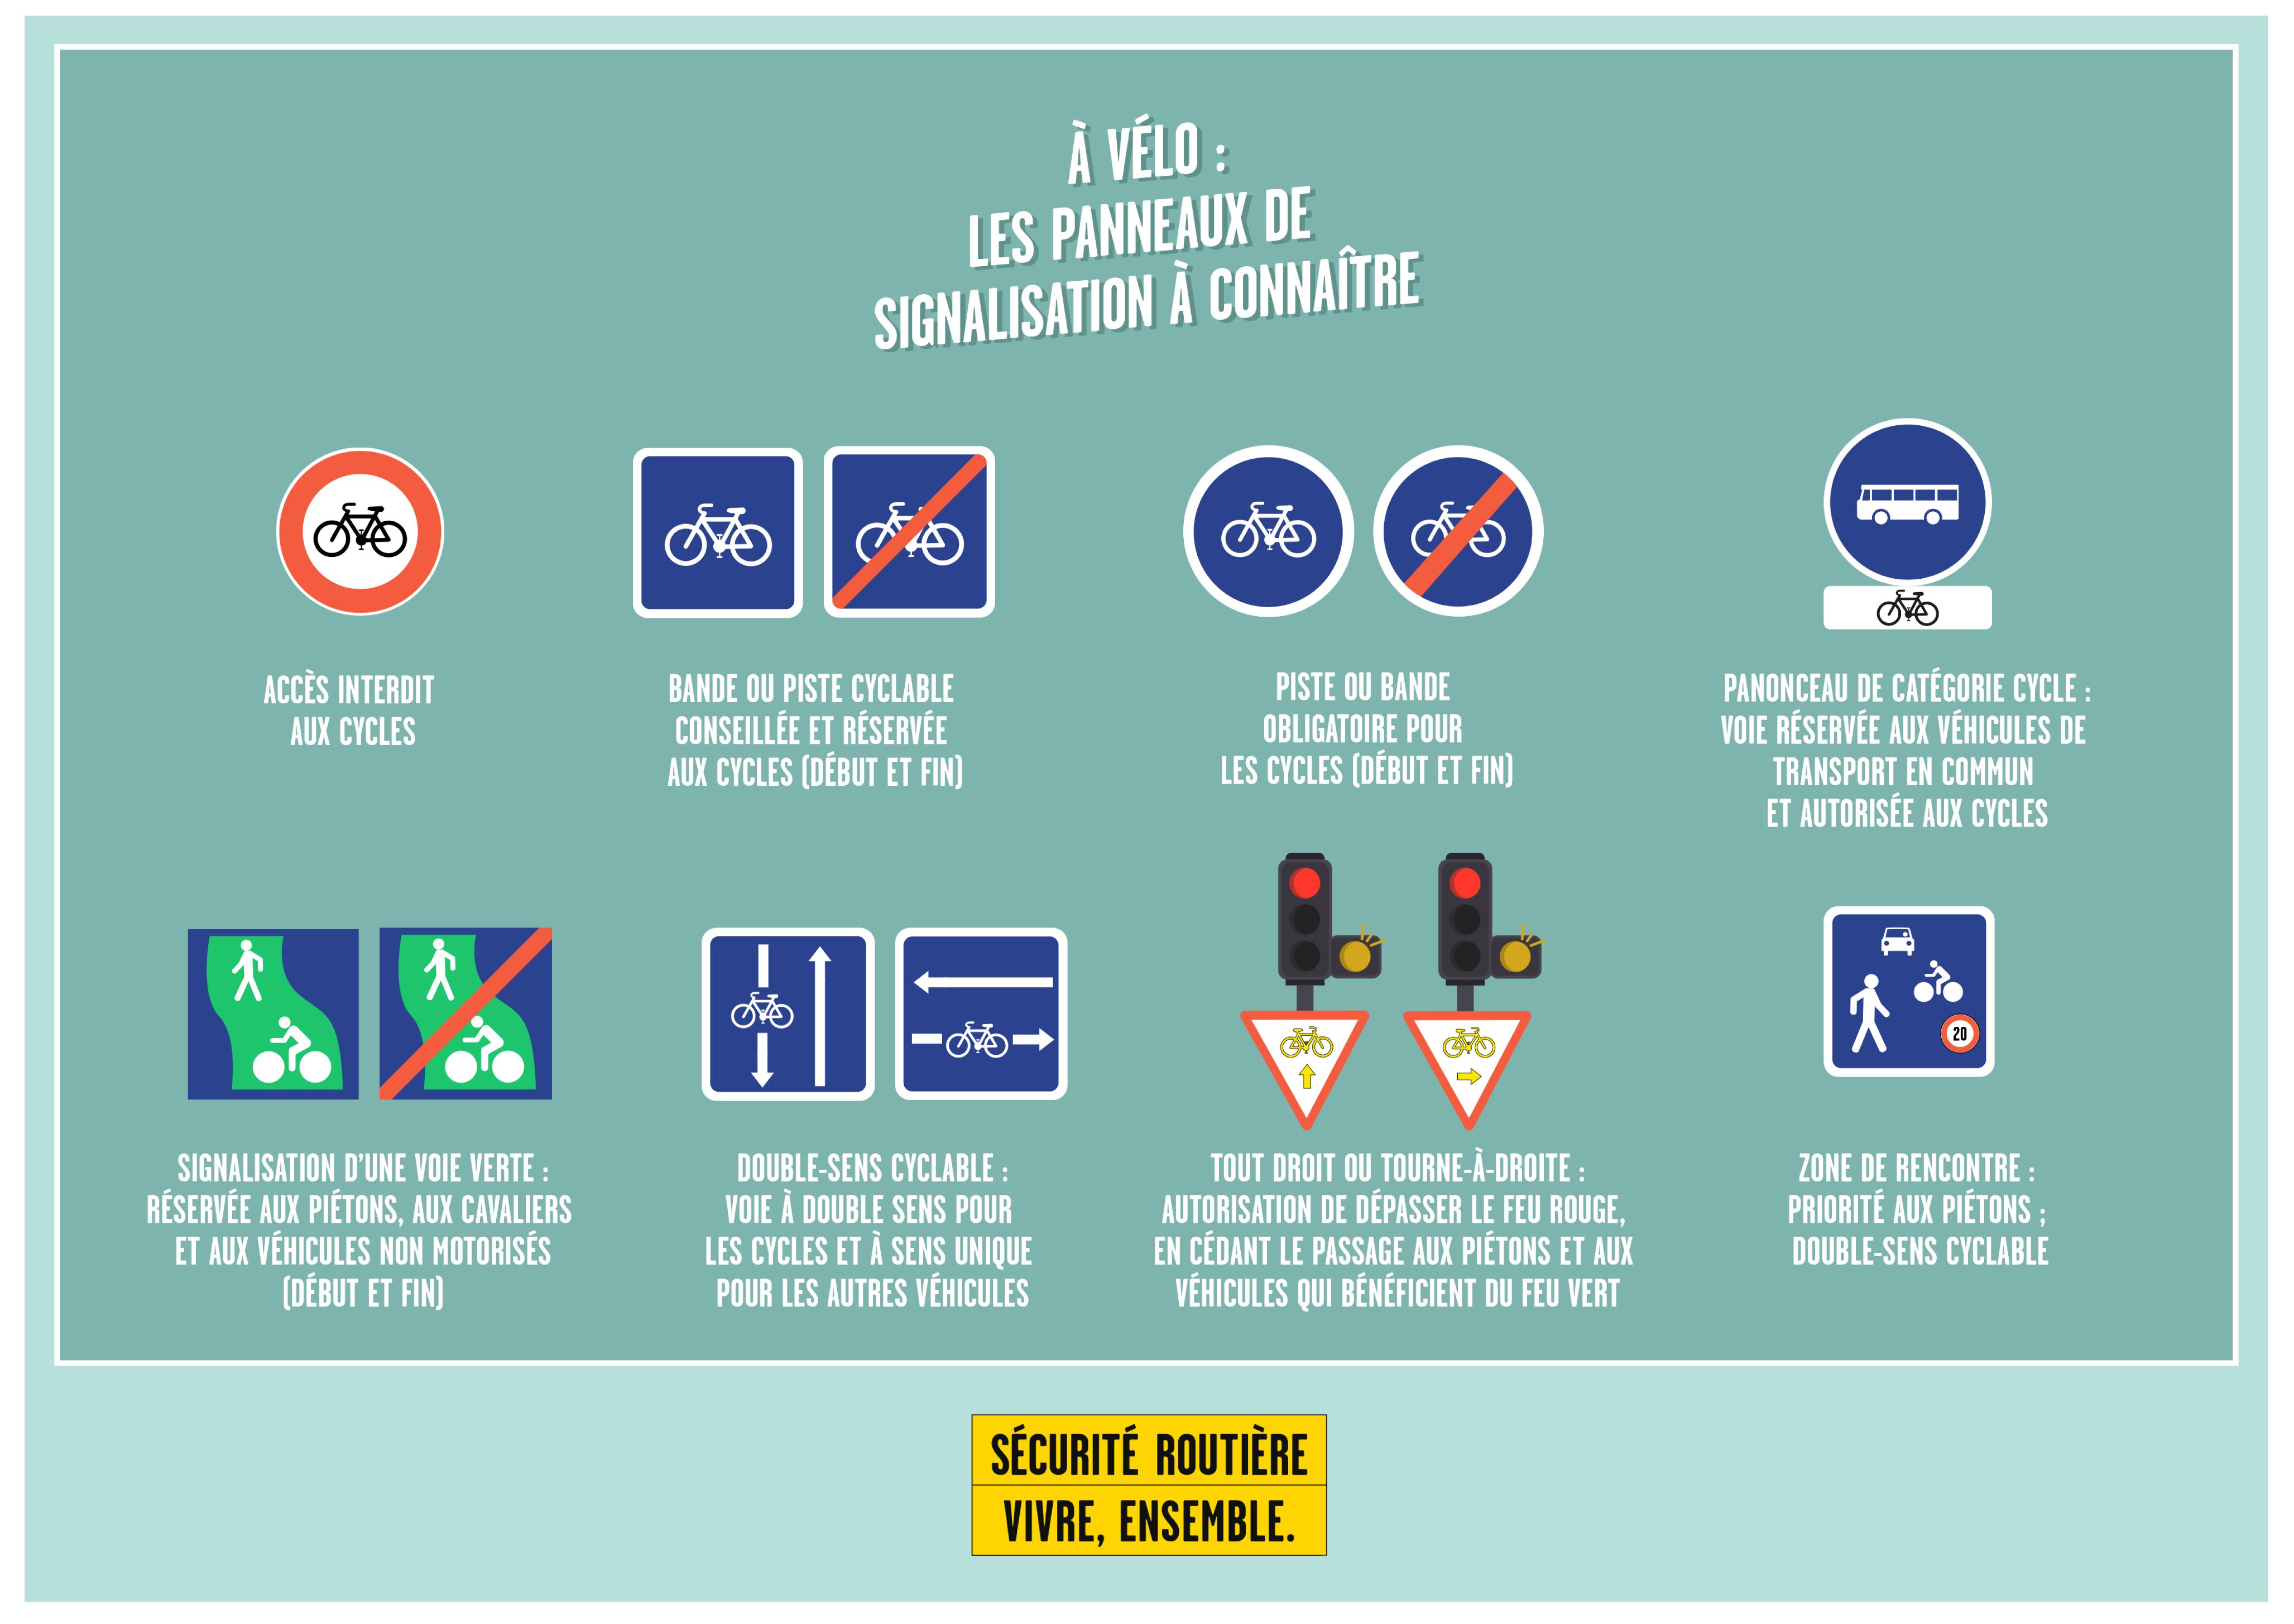 A vélo : Les panneaux de signalisation à connaître